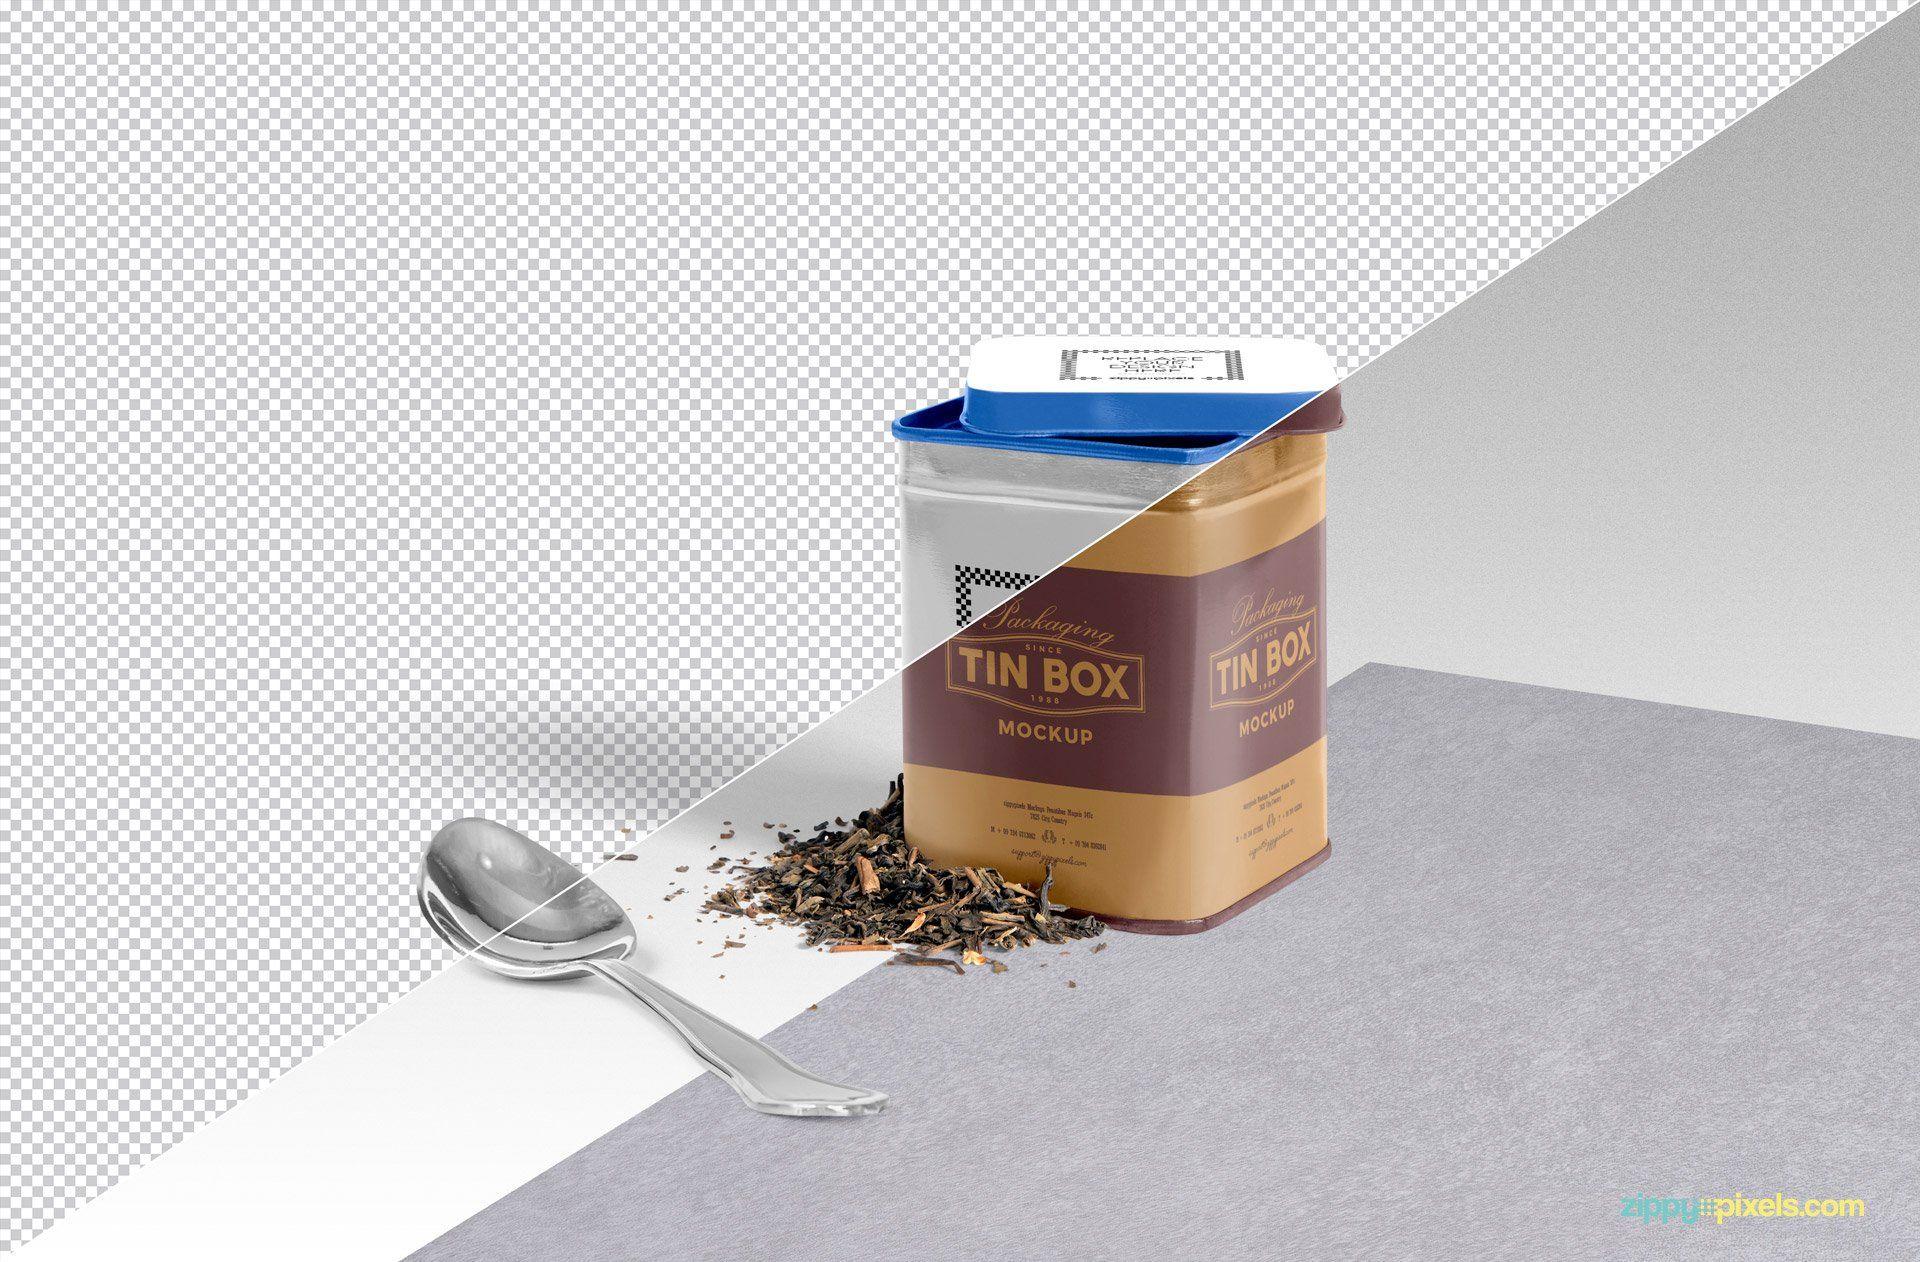 Free Cool Packaging Tin Box Mockup Psd Box Mockup Tin Boxes Cool Packaging